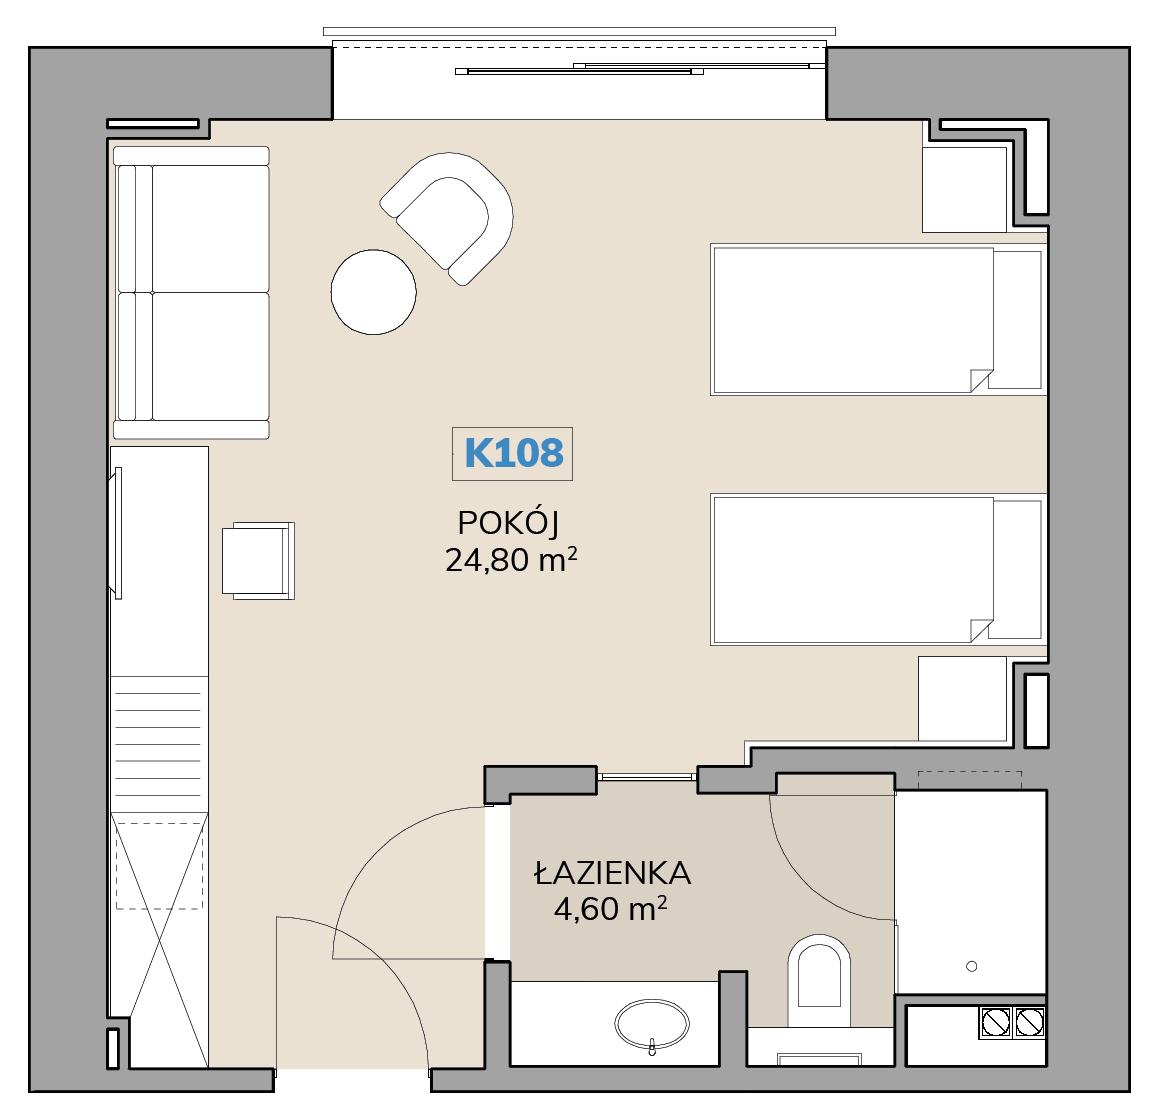 Apartament K108